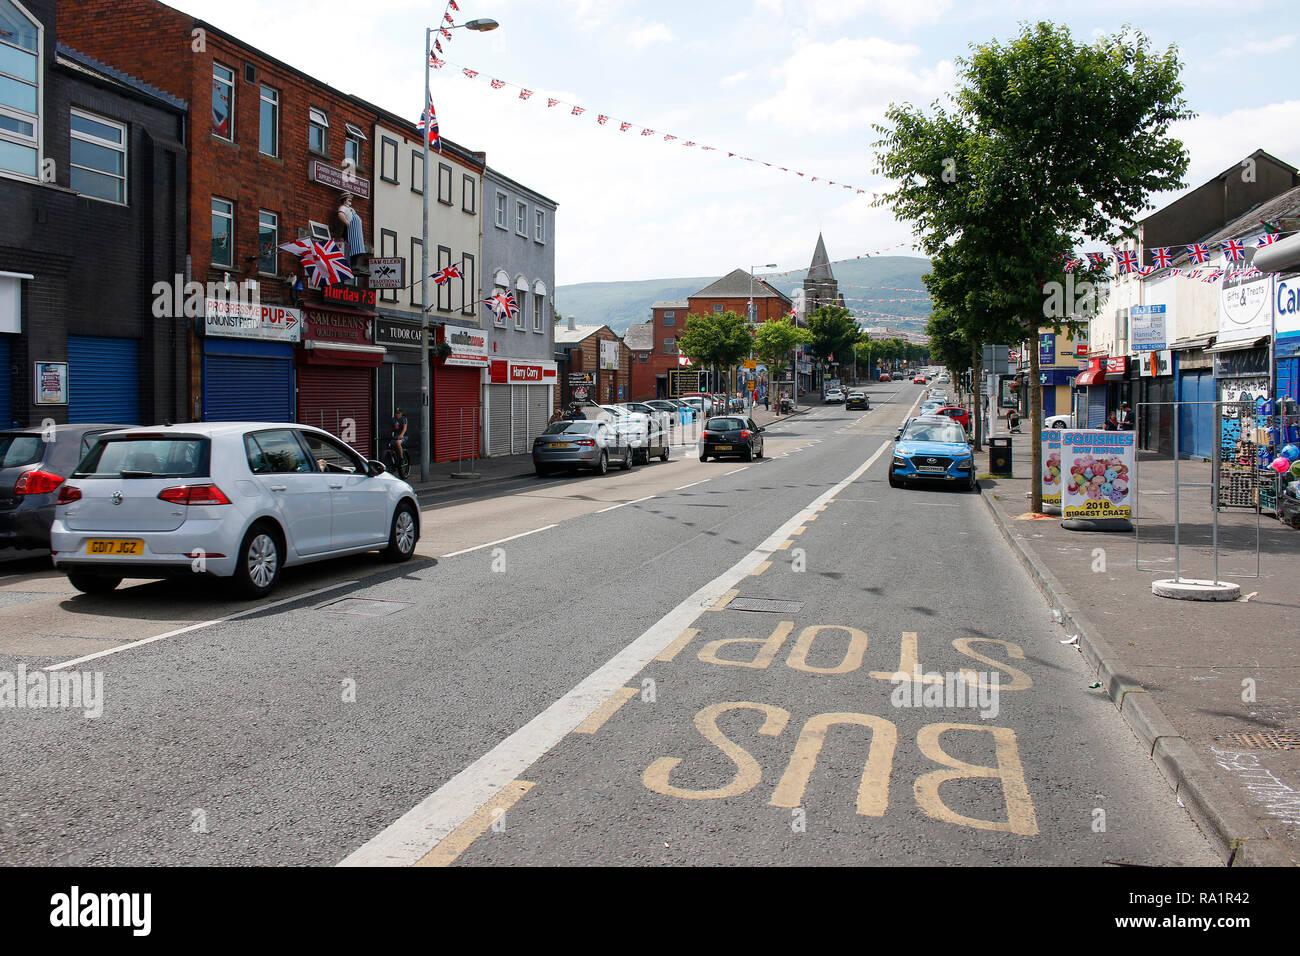 Strassenszene, Shankill Road, Belfast, Nordirland  (nur fuer redaktionelle Verwendung. Keine Werbung. Referenzdatenbank: http://www.360-berlin.de. © J - Stock Image